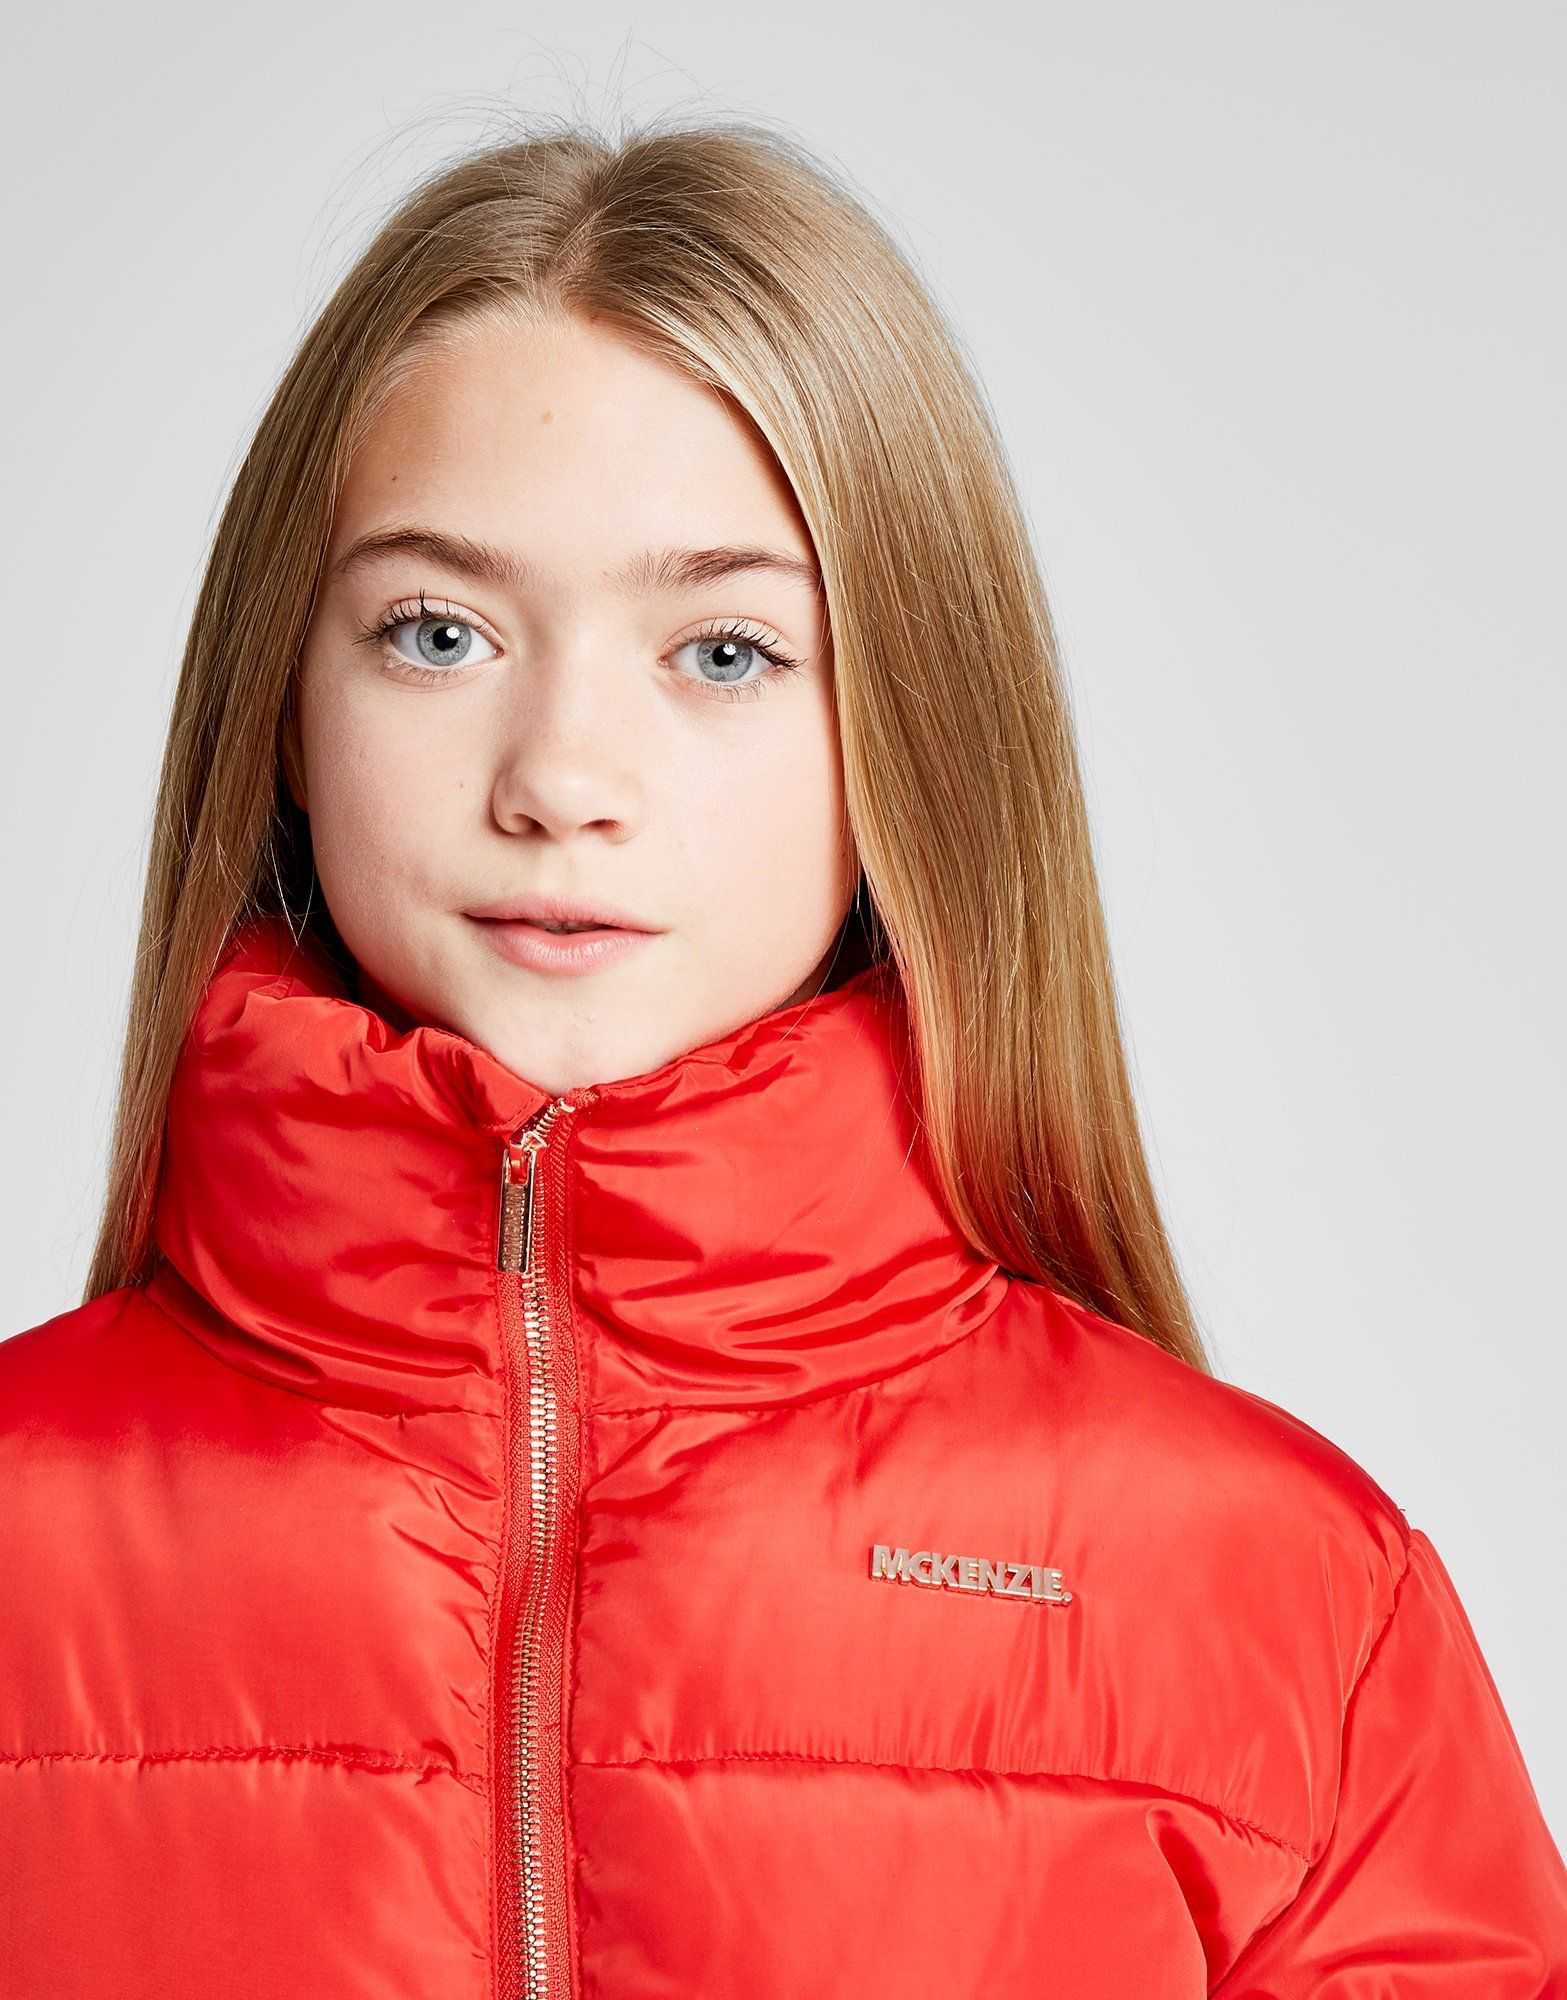 McKenzie Girls' Eden Crop Jacket Junior